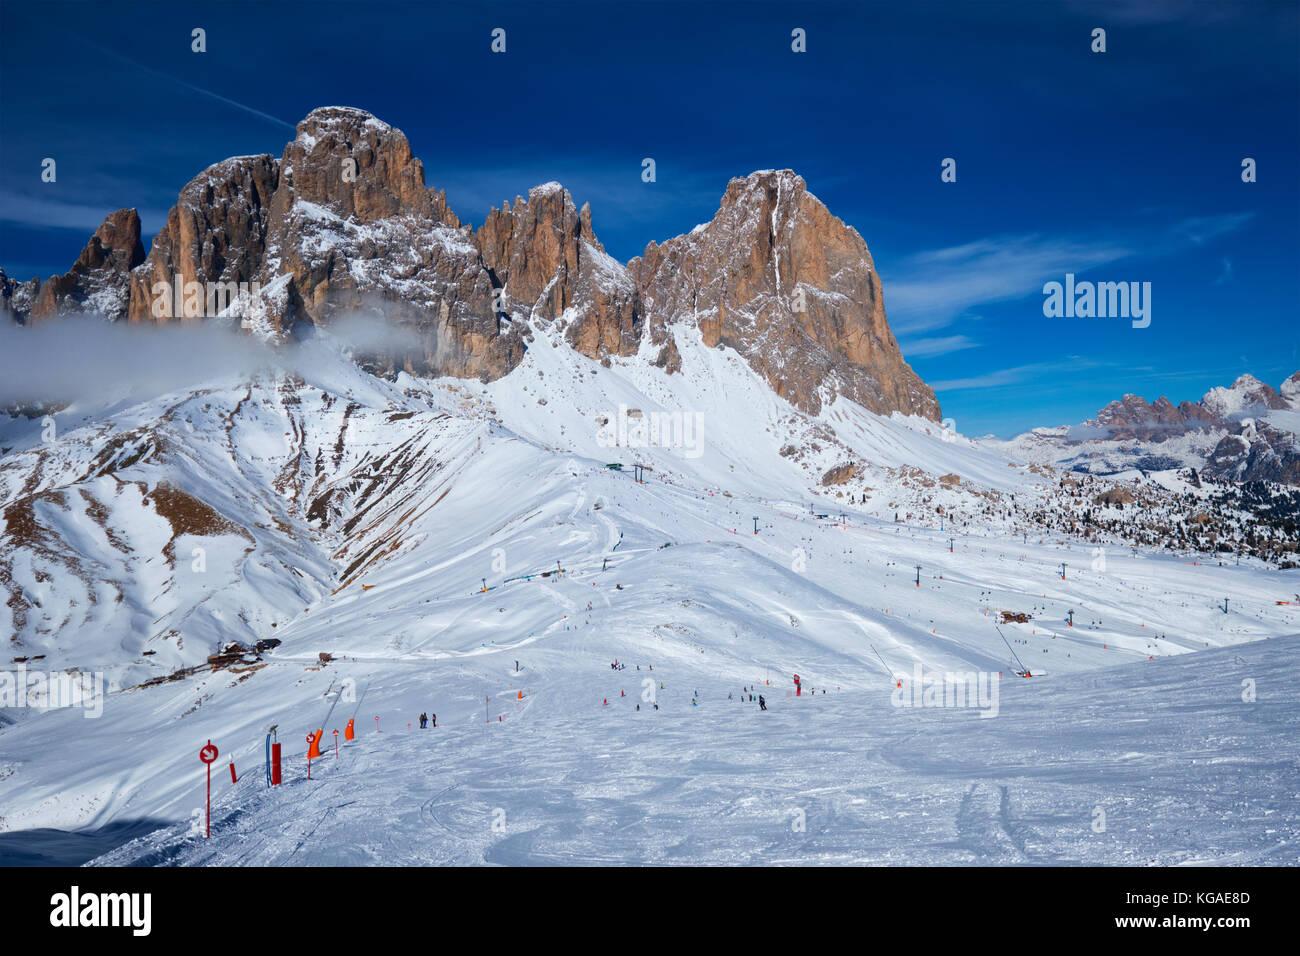 Skigebiet in Dolomiten, Italien Stockfoto